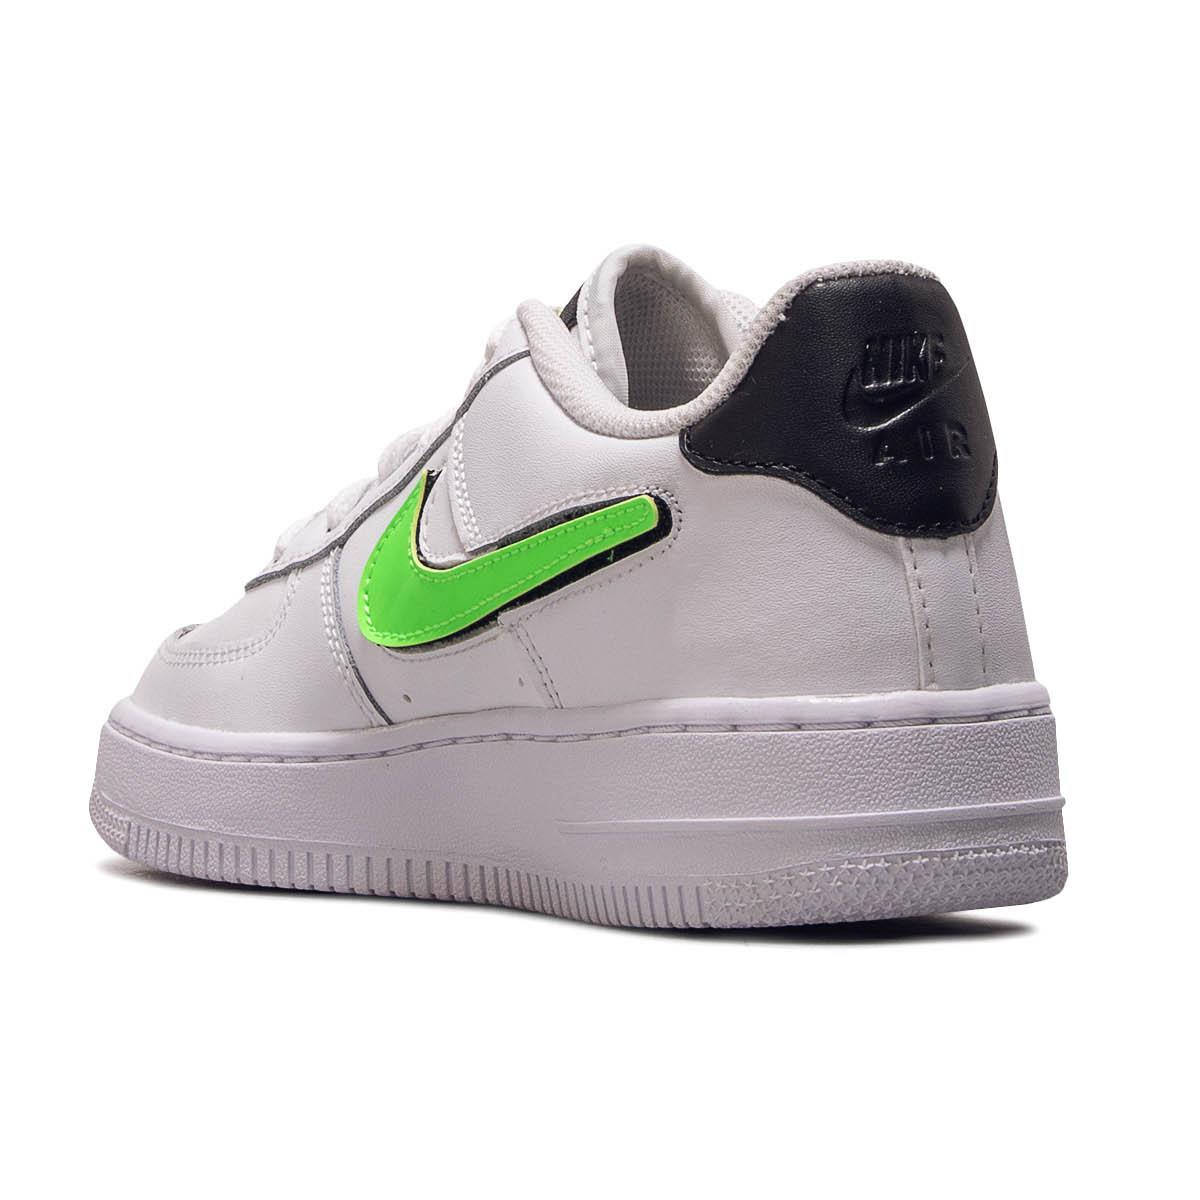 new cheap best loved good service Nike Air Force 1 LV8 3 GS Sneaker weiß grün schwarz AR7446 100